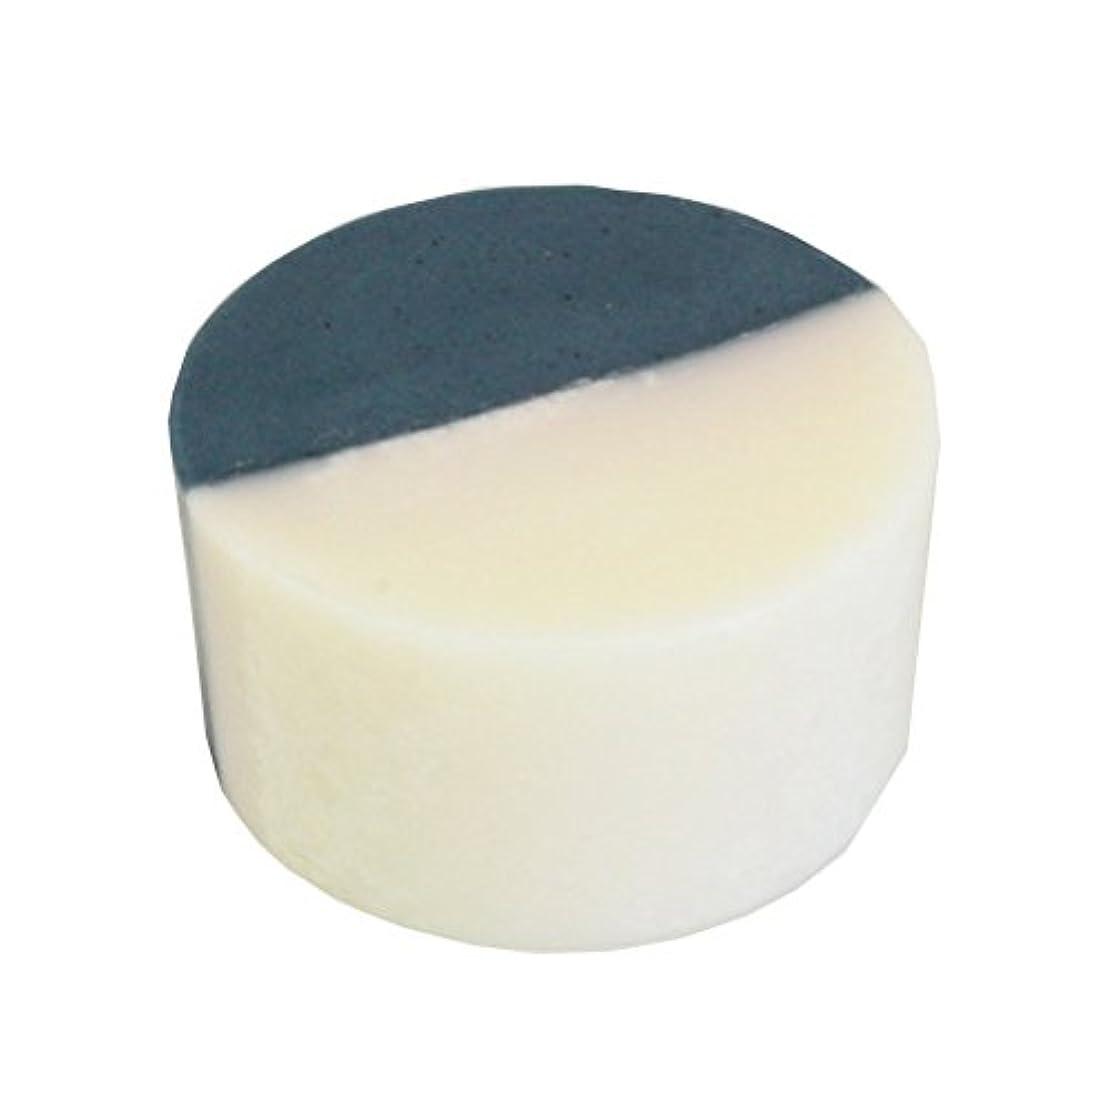 適合する予測子制限された藍色工房 藍染め石けん「ふたえ」(60g)